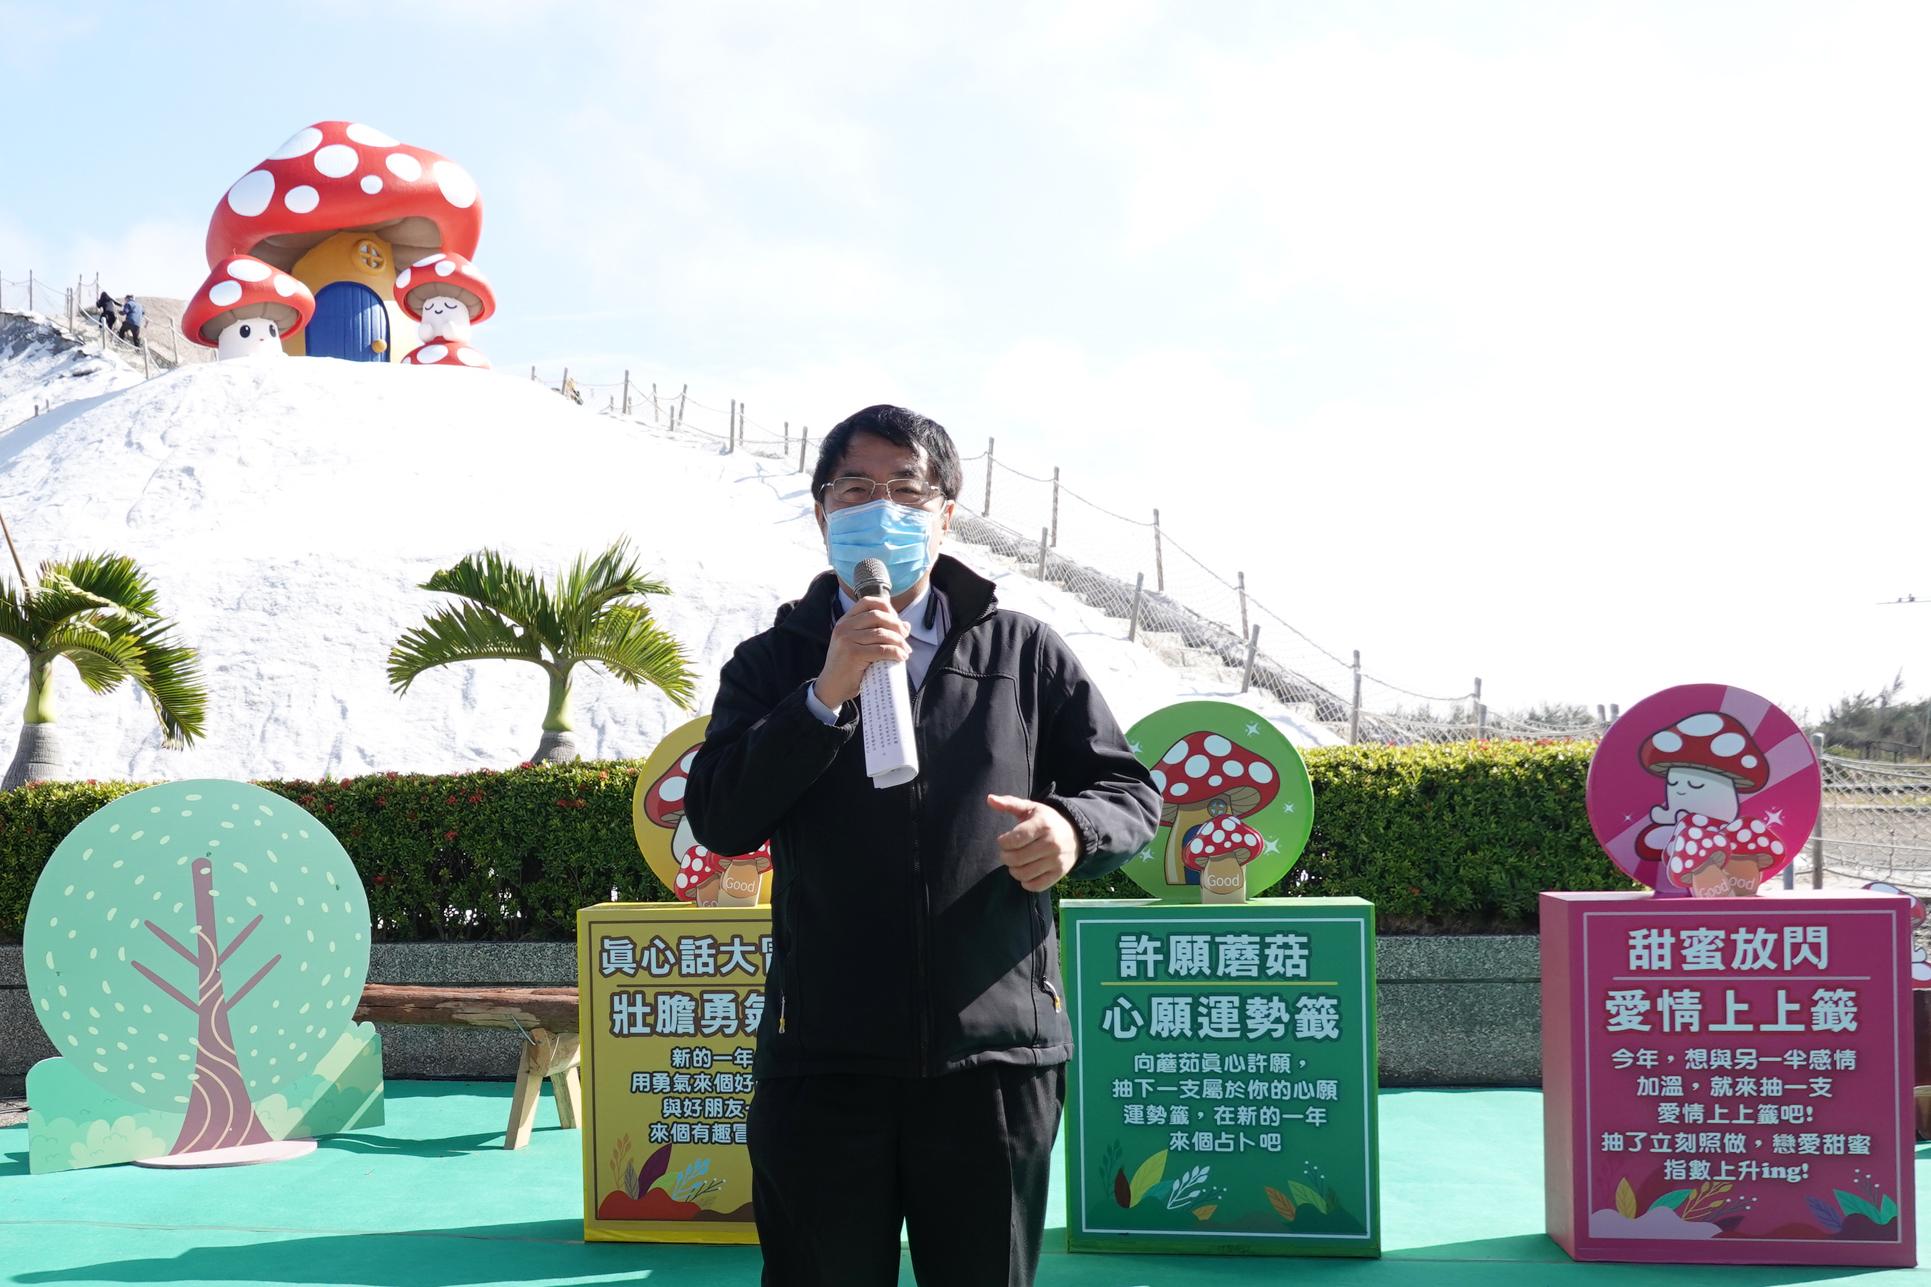 台南市長黃偉哲致詞時稱讚七股鹽山是「台灣的護鹽神山」,其裝置藝術活動更是最受國人期待的年度盛事!台鹽帶領團隊深耕台南、也致力於推動觀光,讓台南成為國人旅遊首選。